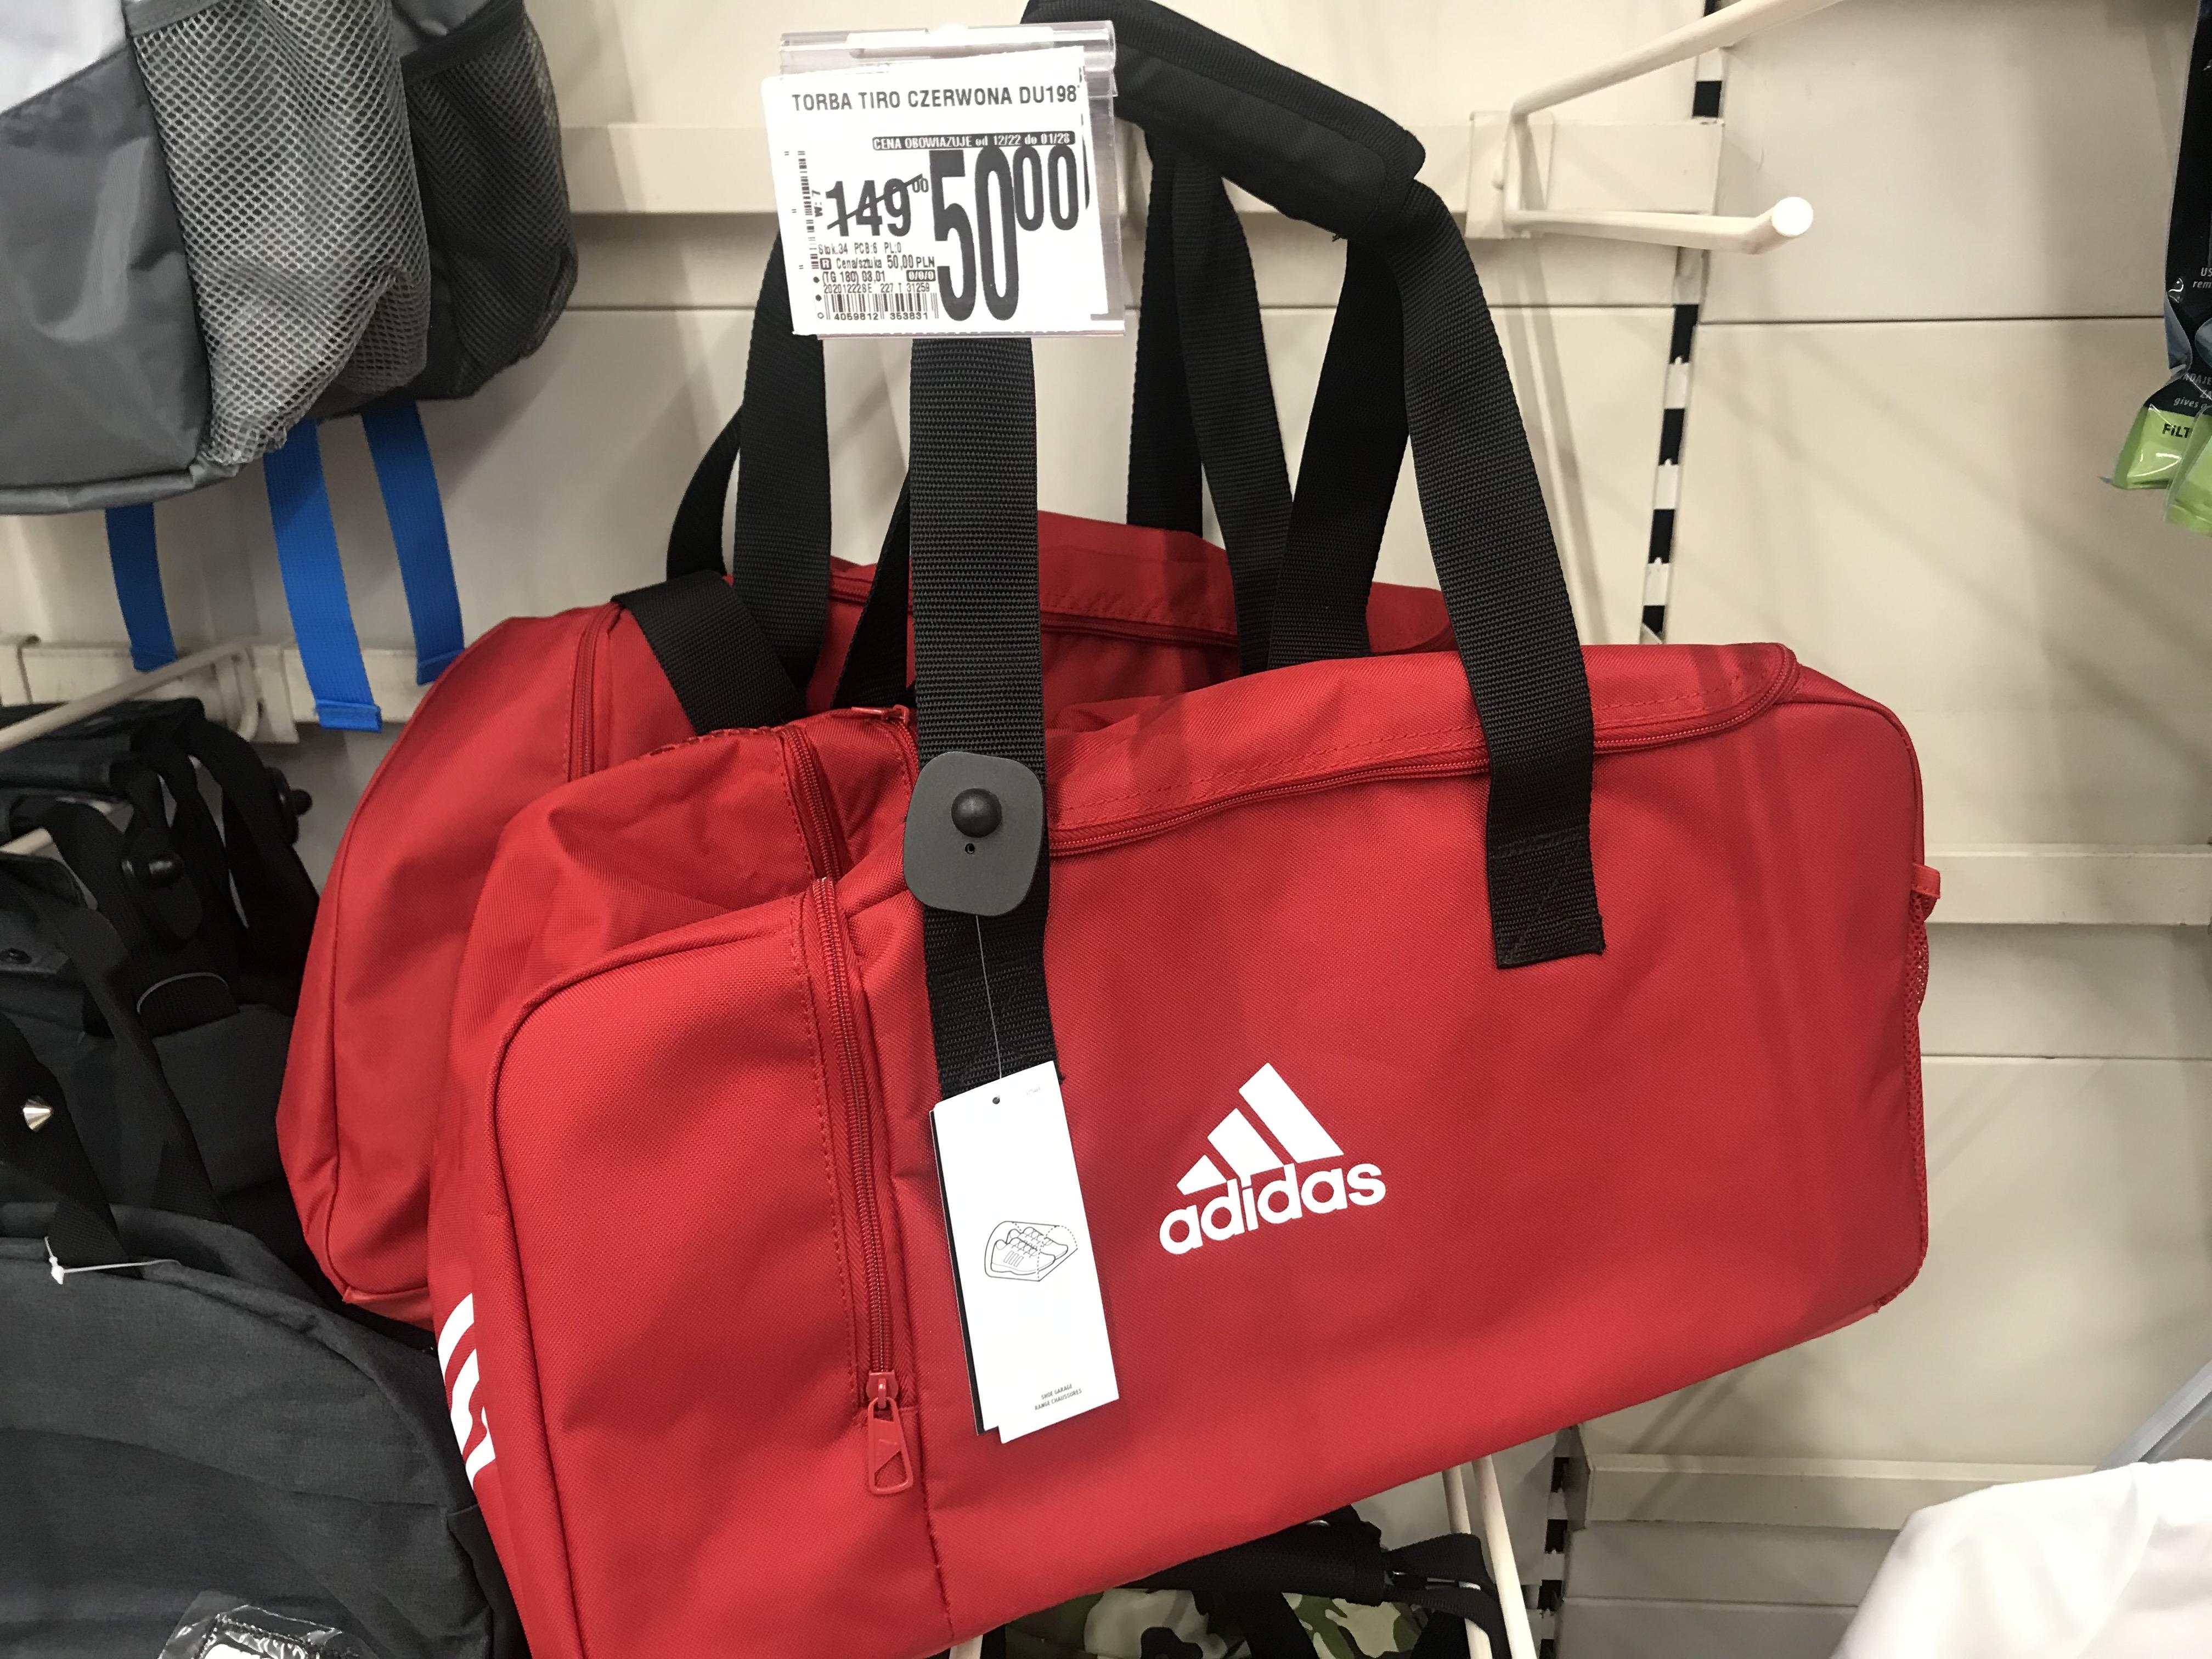 Torba sportowa ADIDAS średnio-mała Auchan CH Ursynów (Wwa) lokalnie